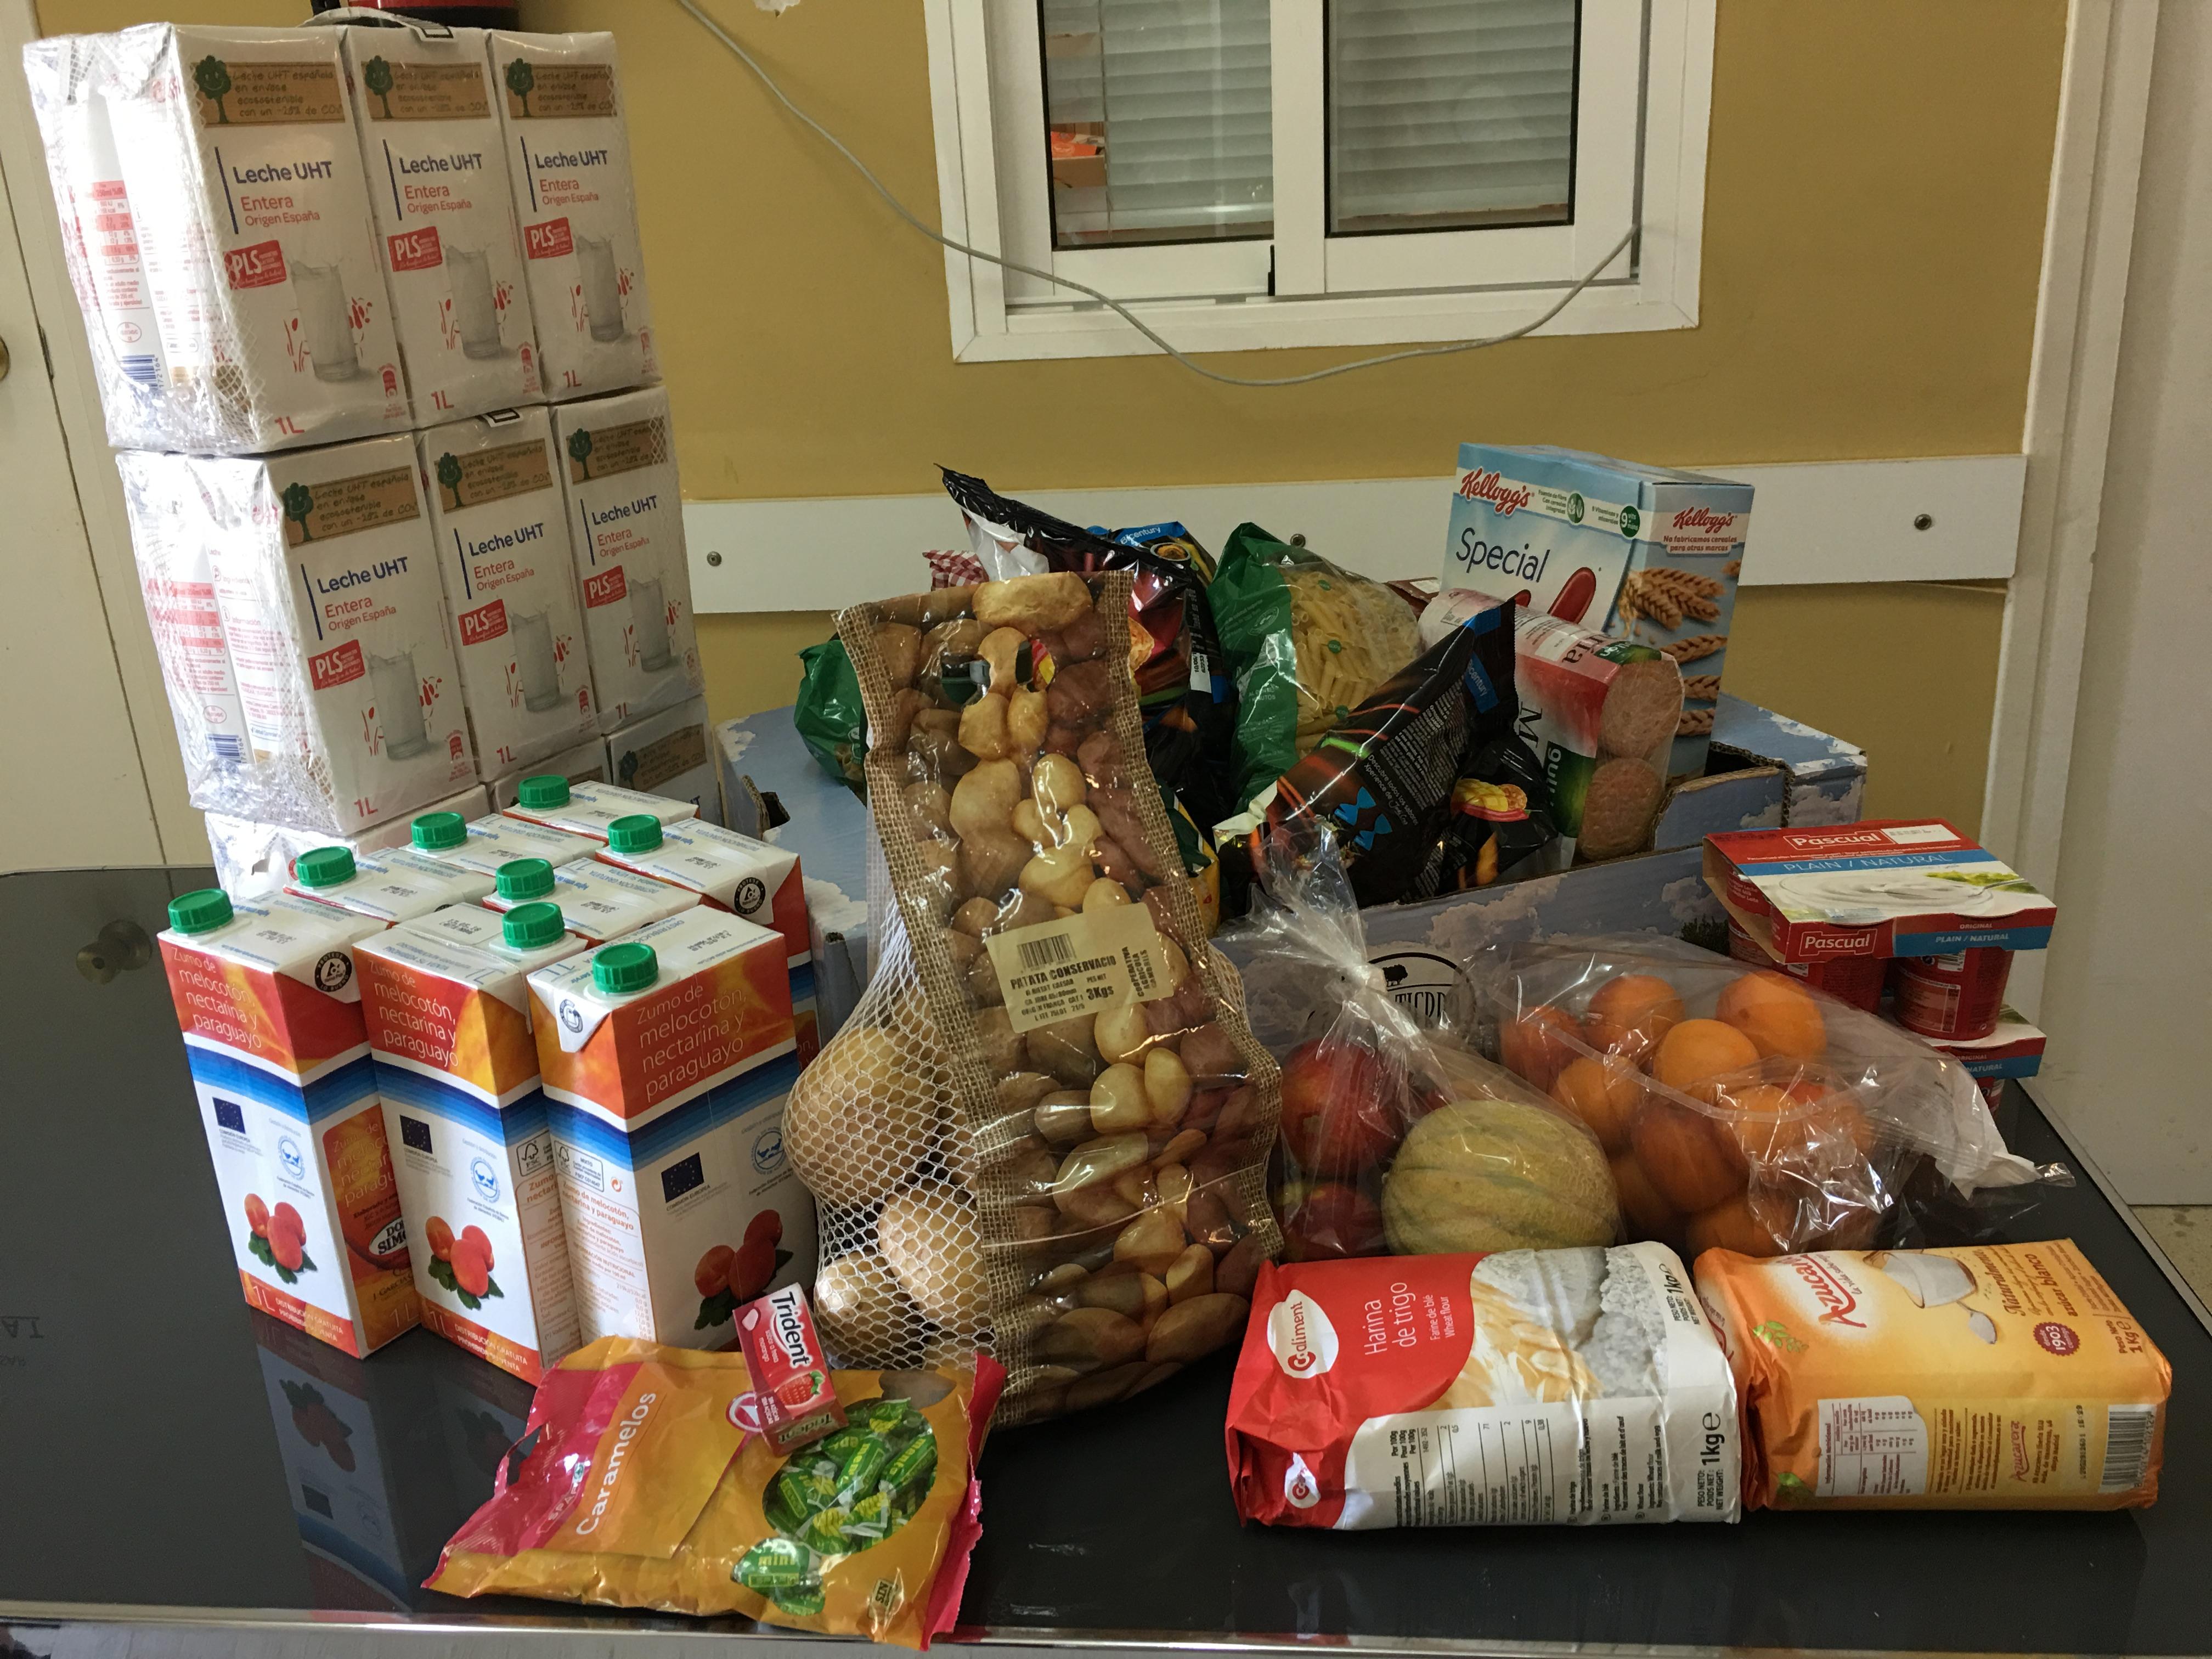 La Regidoria de Benestar Social ajuda a 44 famílies a tirar endavant a través del Banc dels Aliments